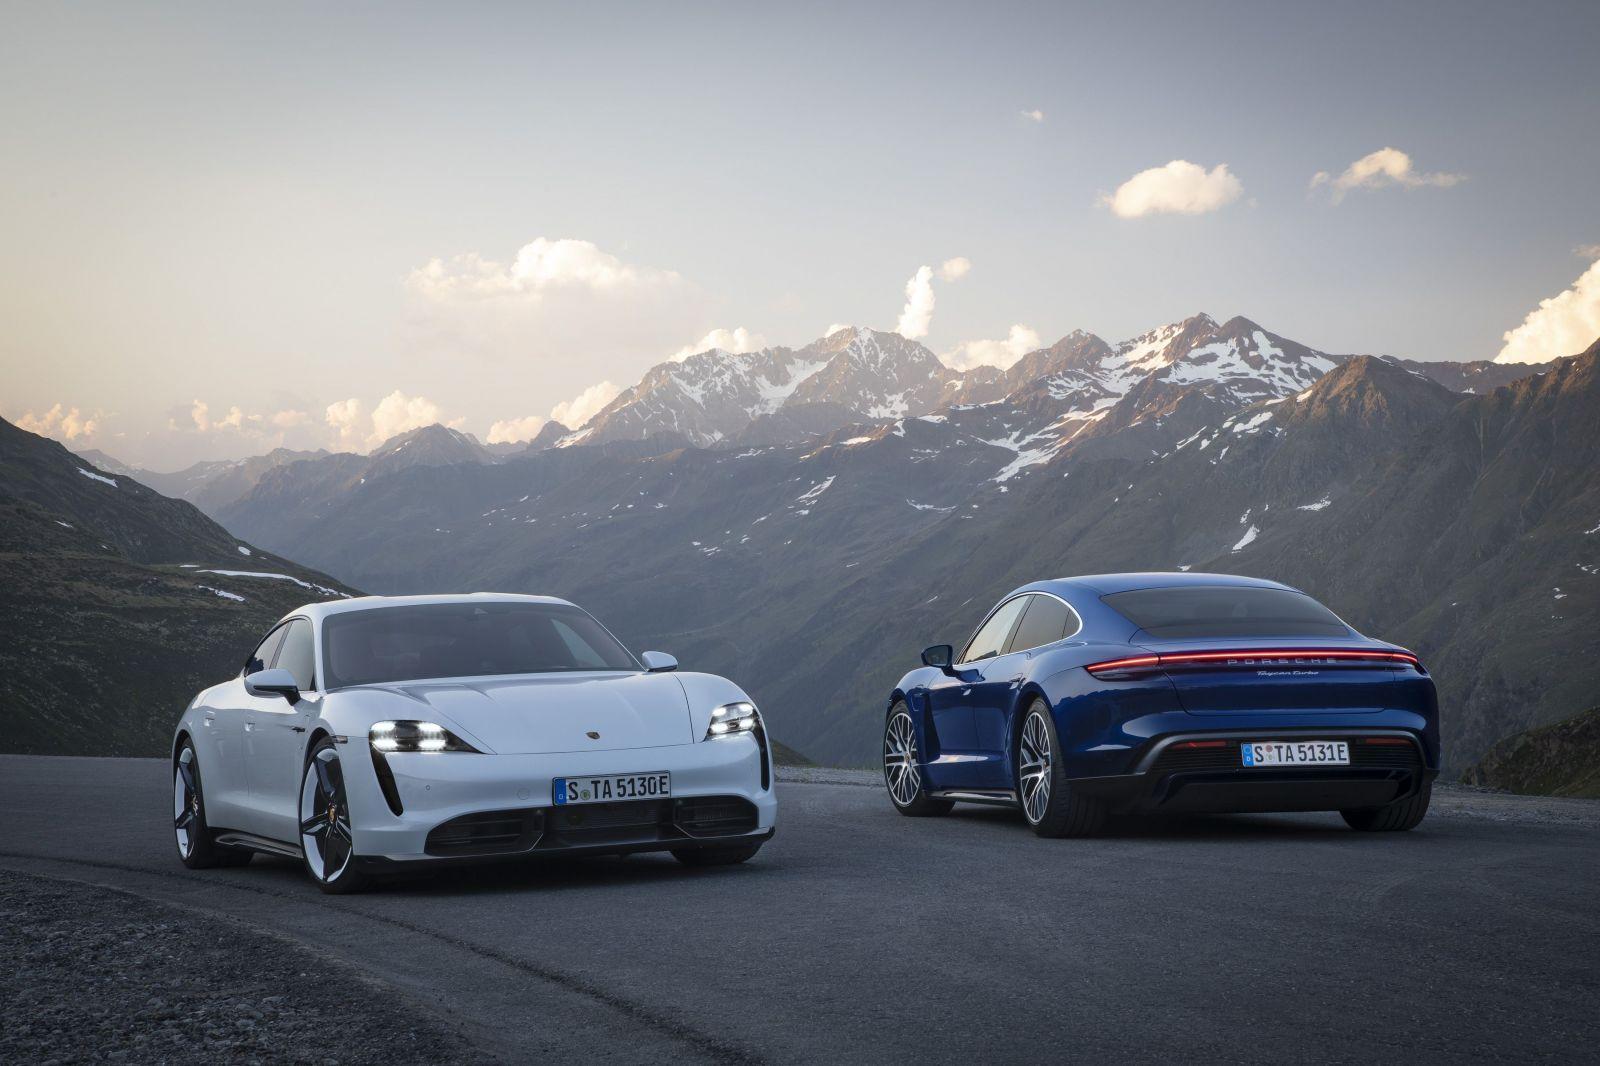 Prvé vzájomný súbo ukazuje, prečo sa Tesla nemôže porovnávať s elektrickým Porsche